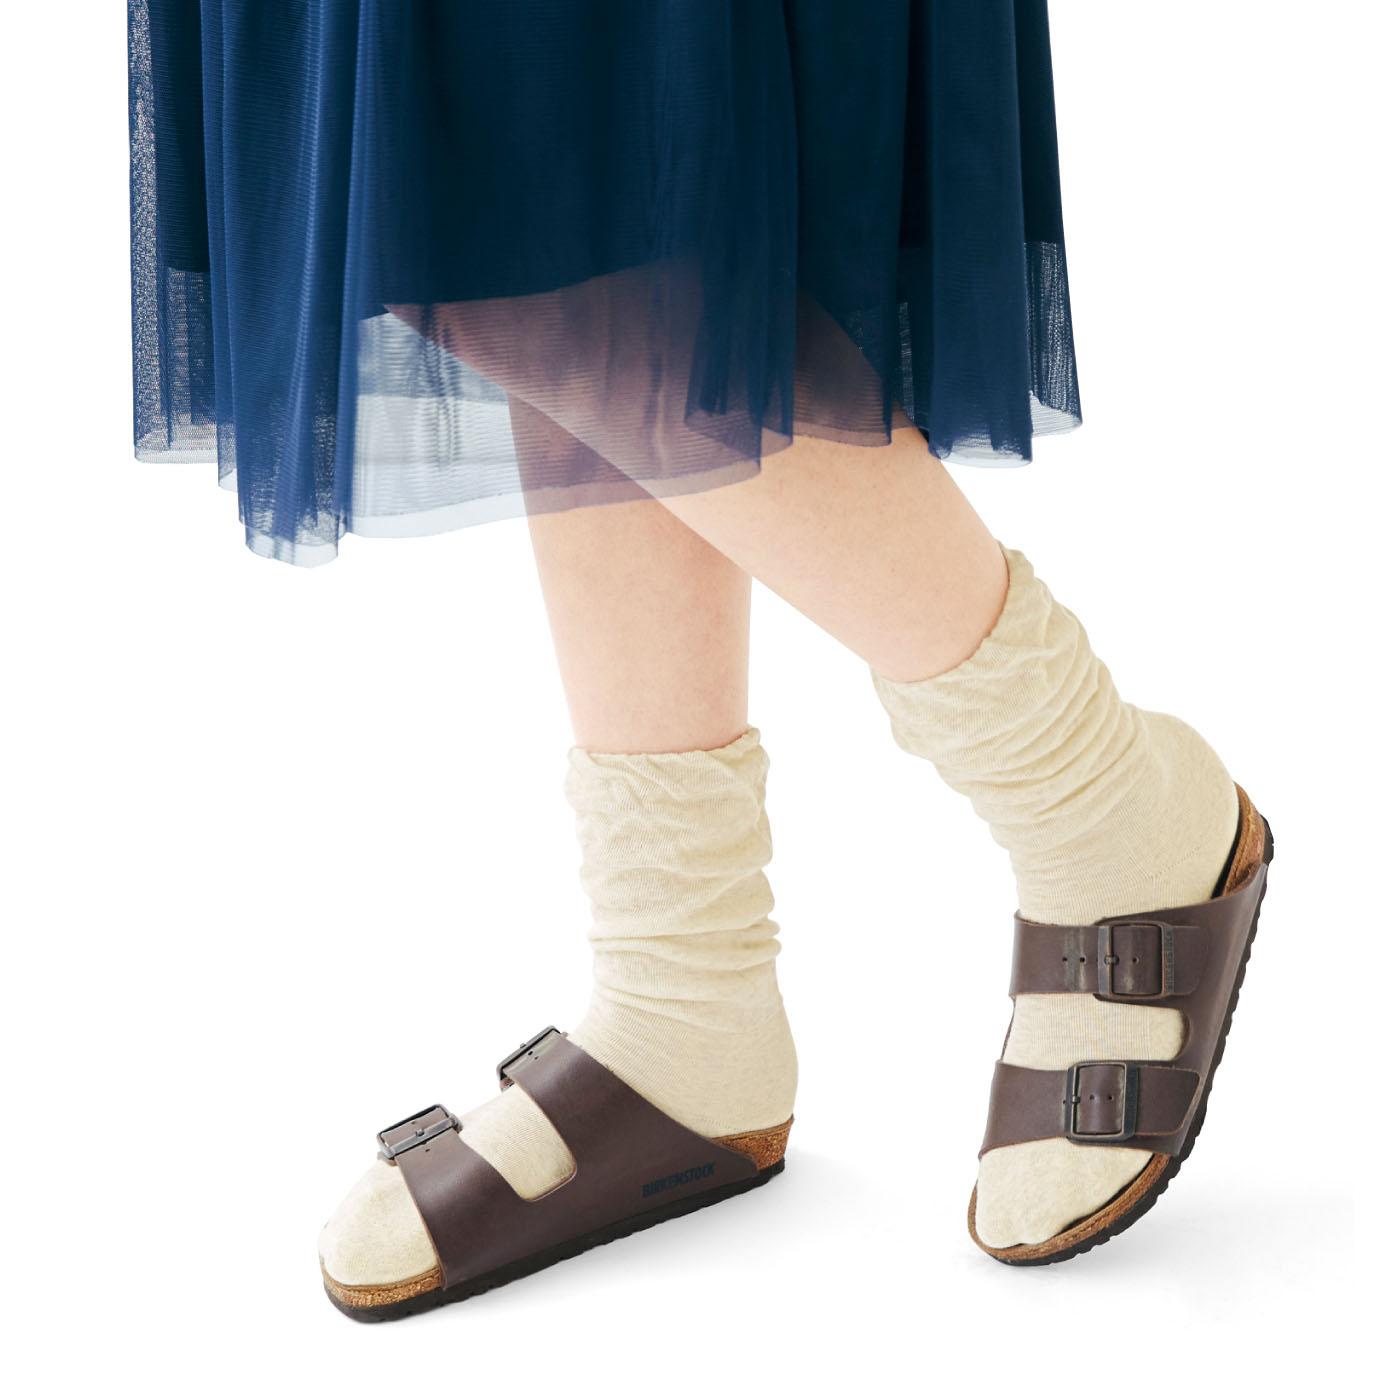 合わせやすい杢調のベーシックカラー、足首をクシュっとさせてもかわいい